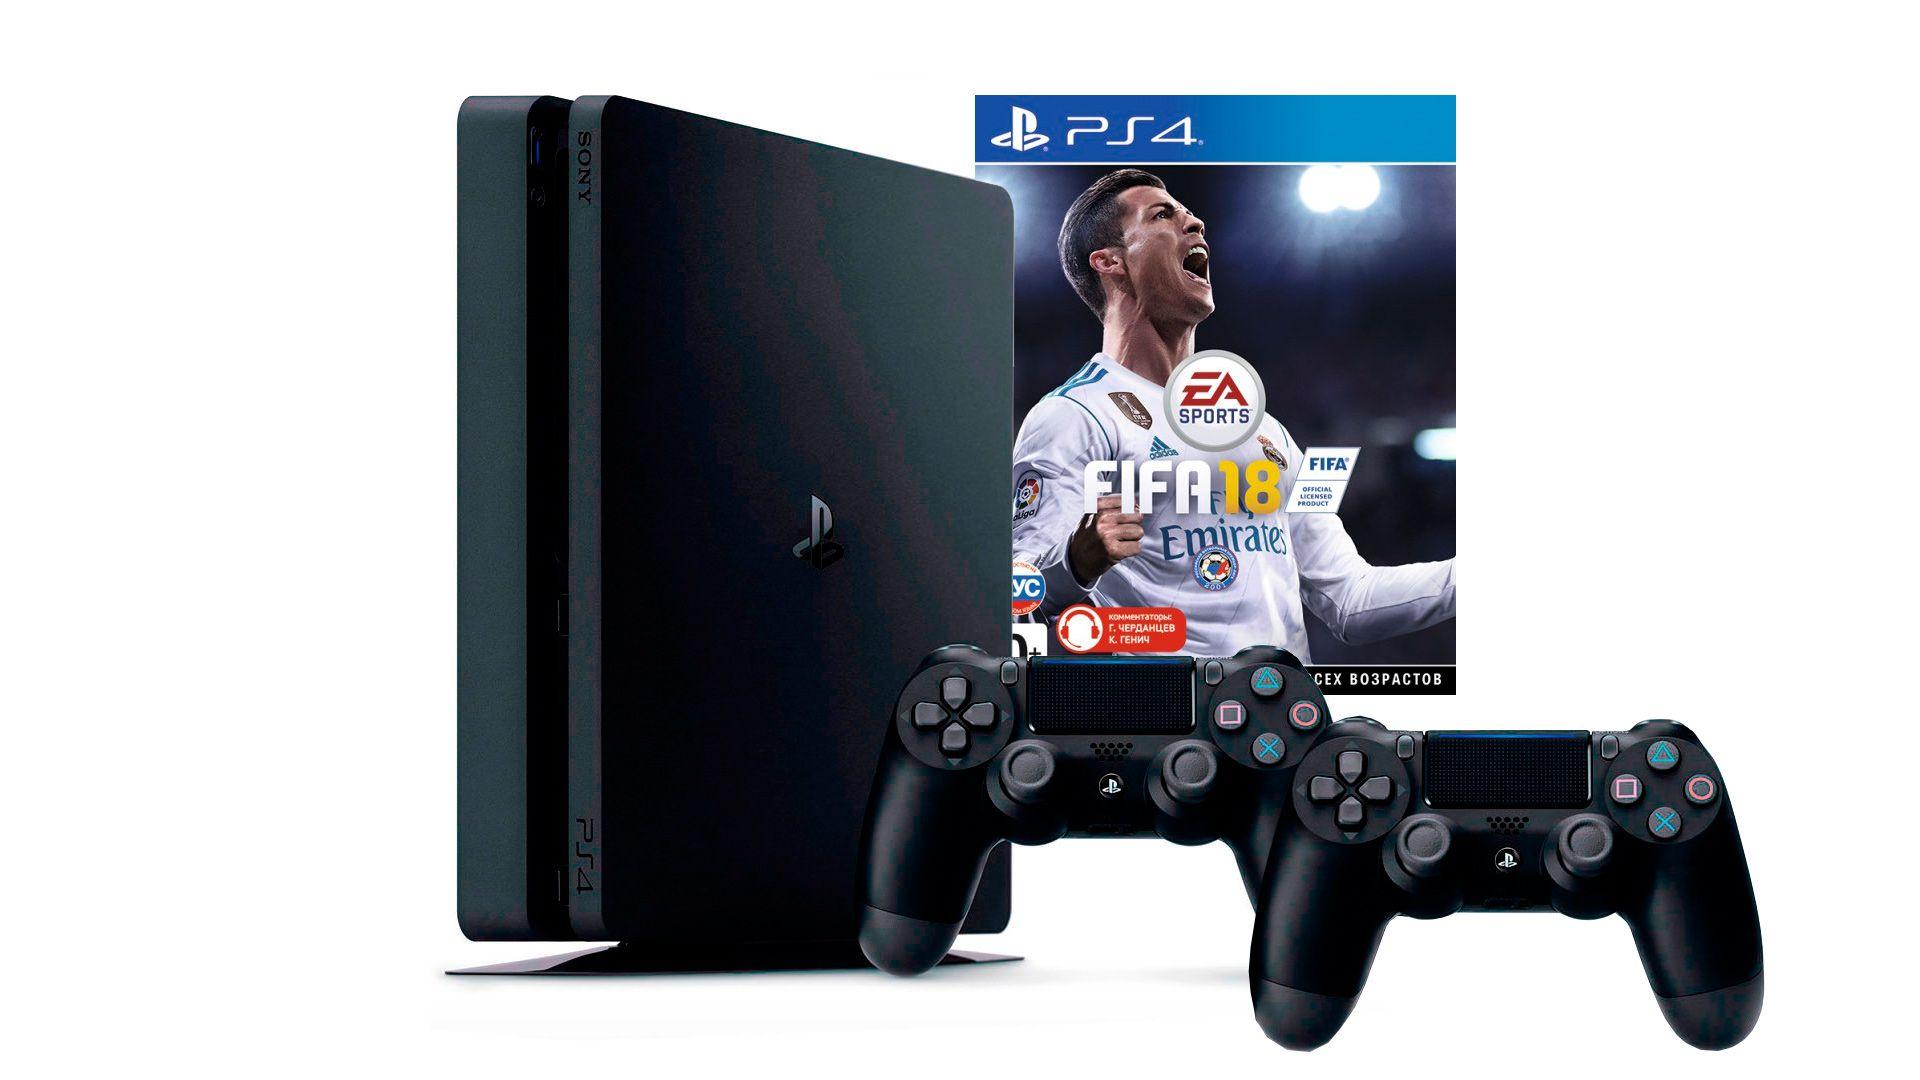 PlayStation 4 Slim 500Gb 2 джойстика, приставка и игра FIFA 18 [PS4S5J2F18]